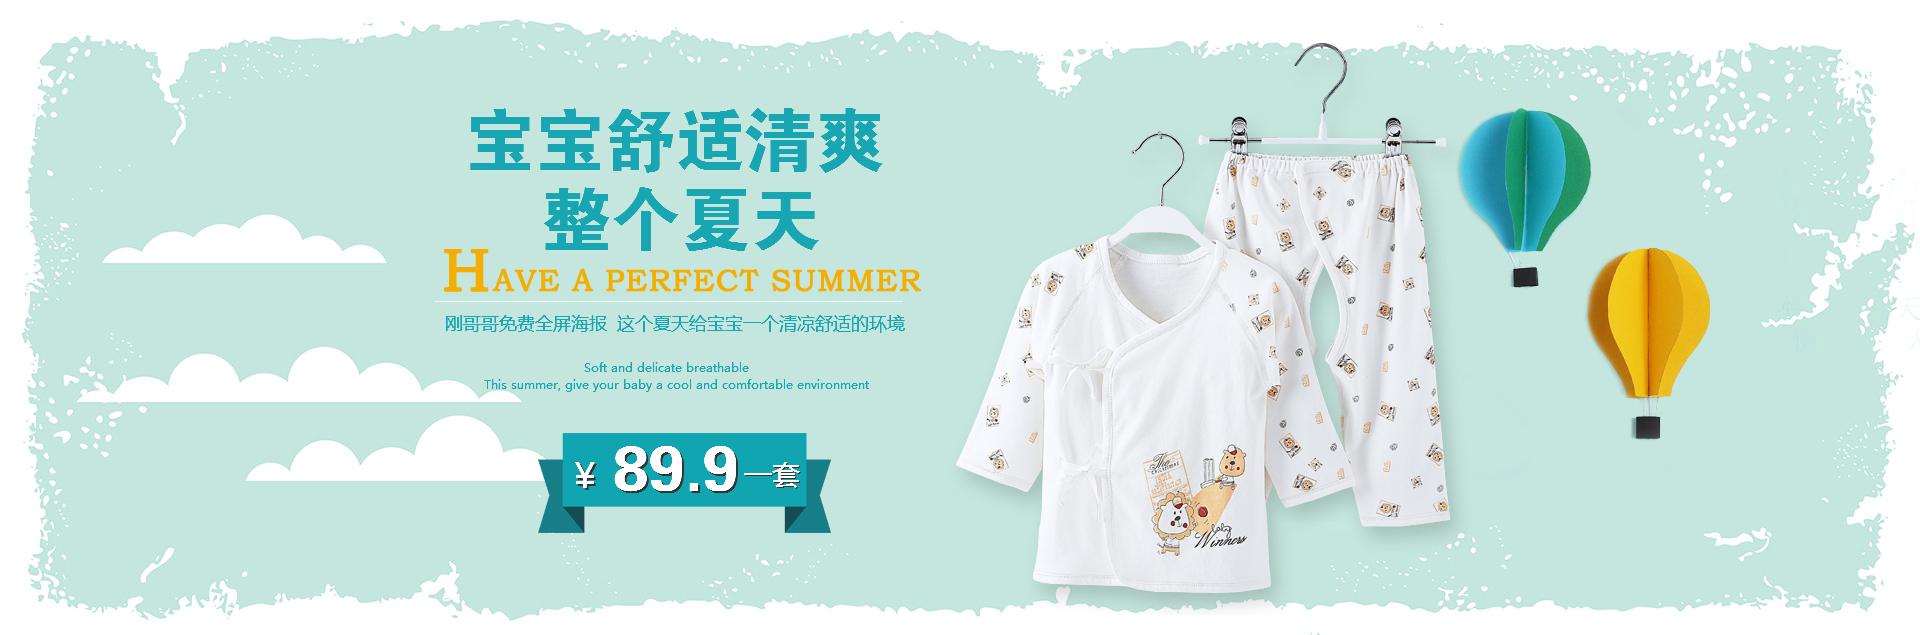 草绿色简洁童装宝宝舒适清爽整个夏天淘宝店铺天猫旺铺装修全屏海报图片在线制作